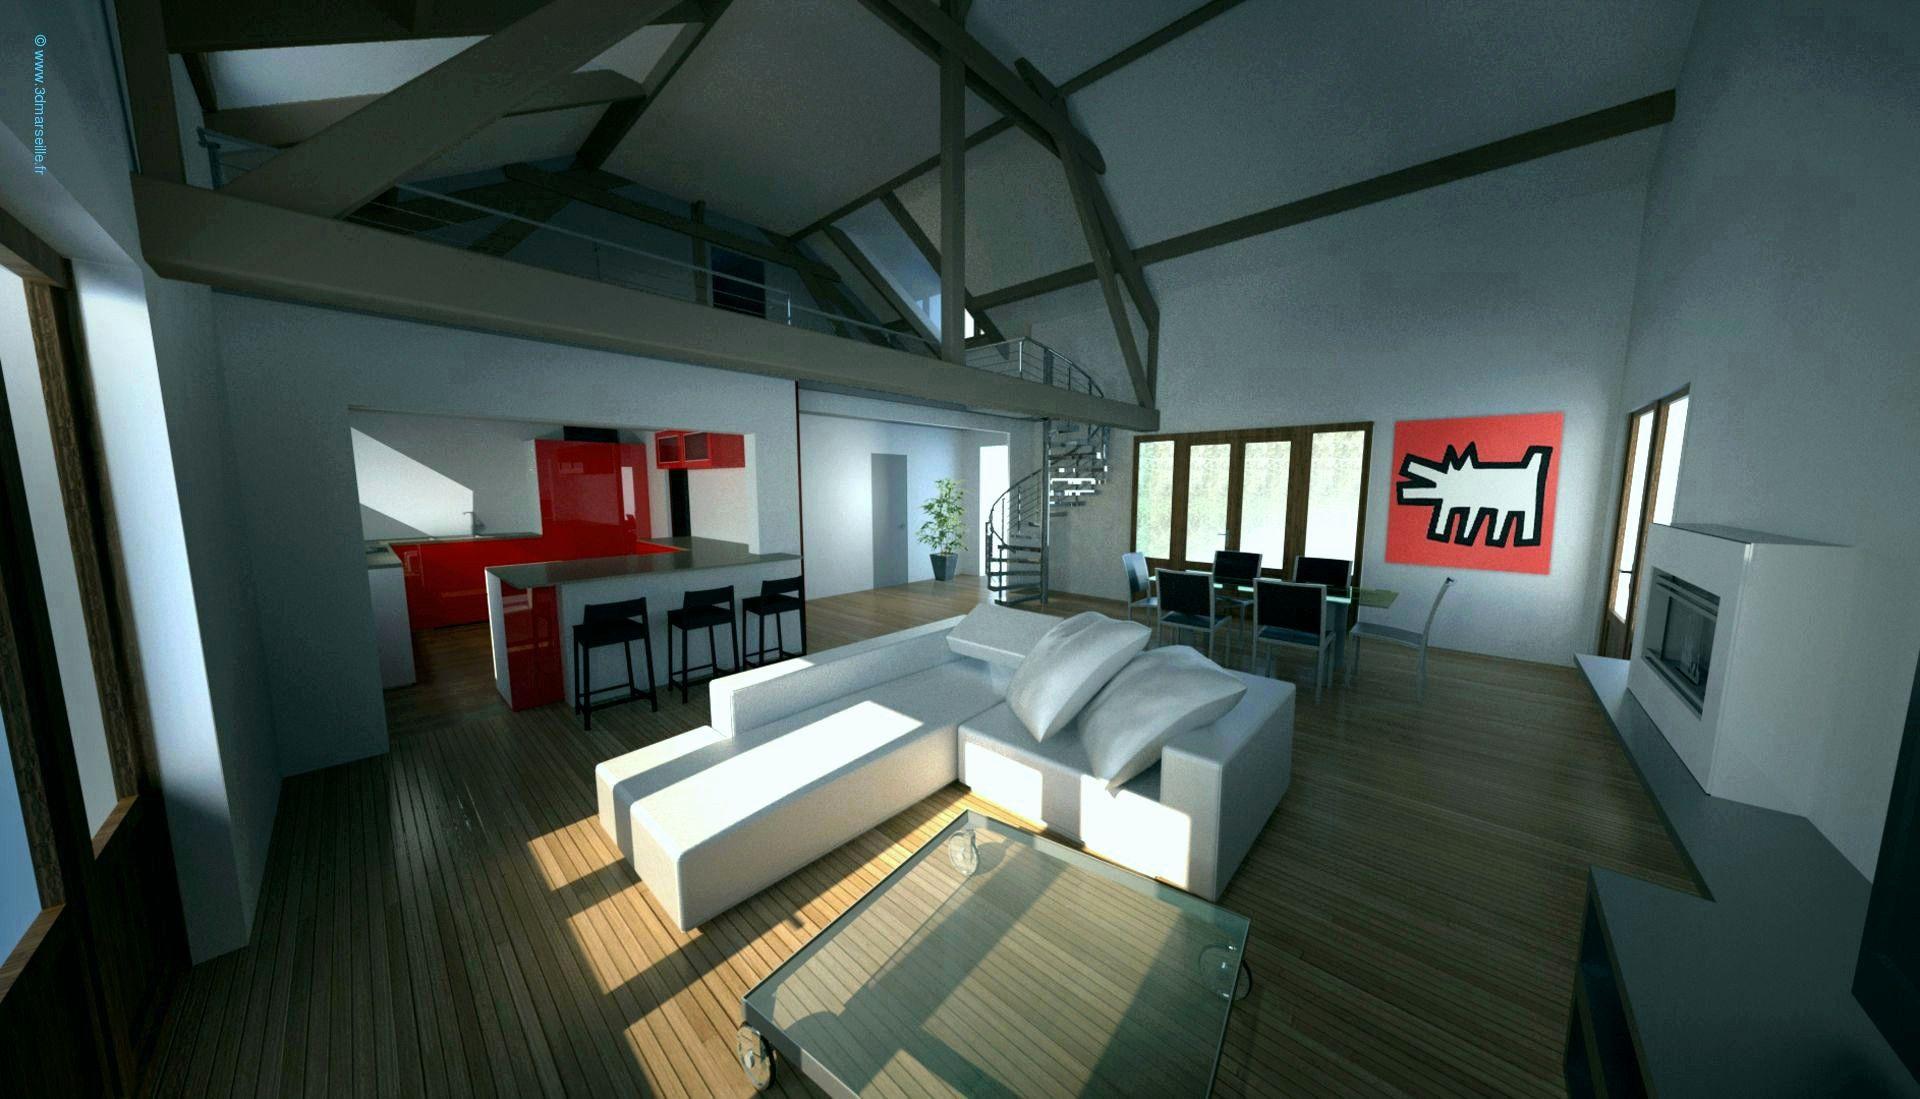 Architecte Jardin 3D Gratuit awesome logiciel architecture 3d gratuit en ligne | logiciel